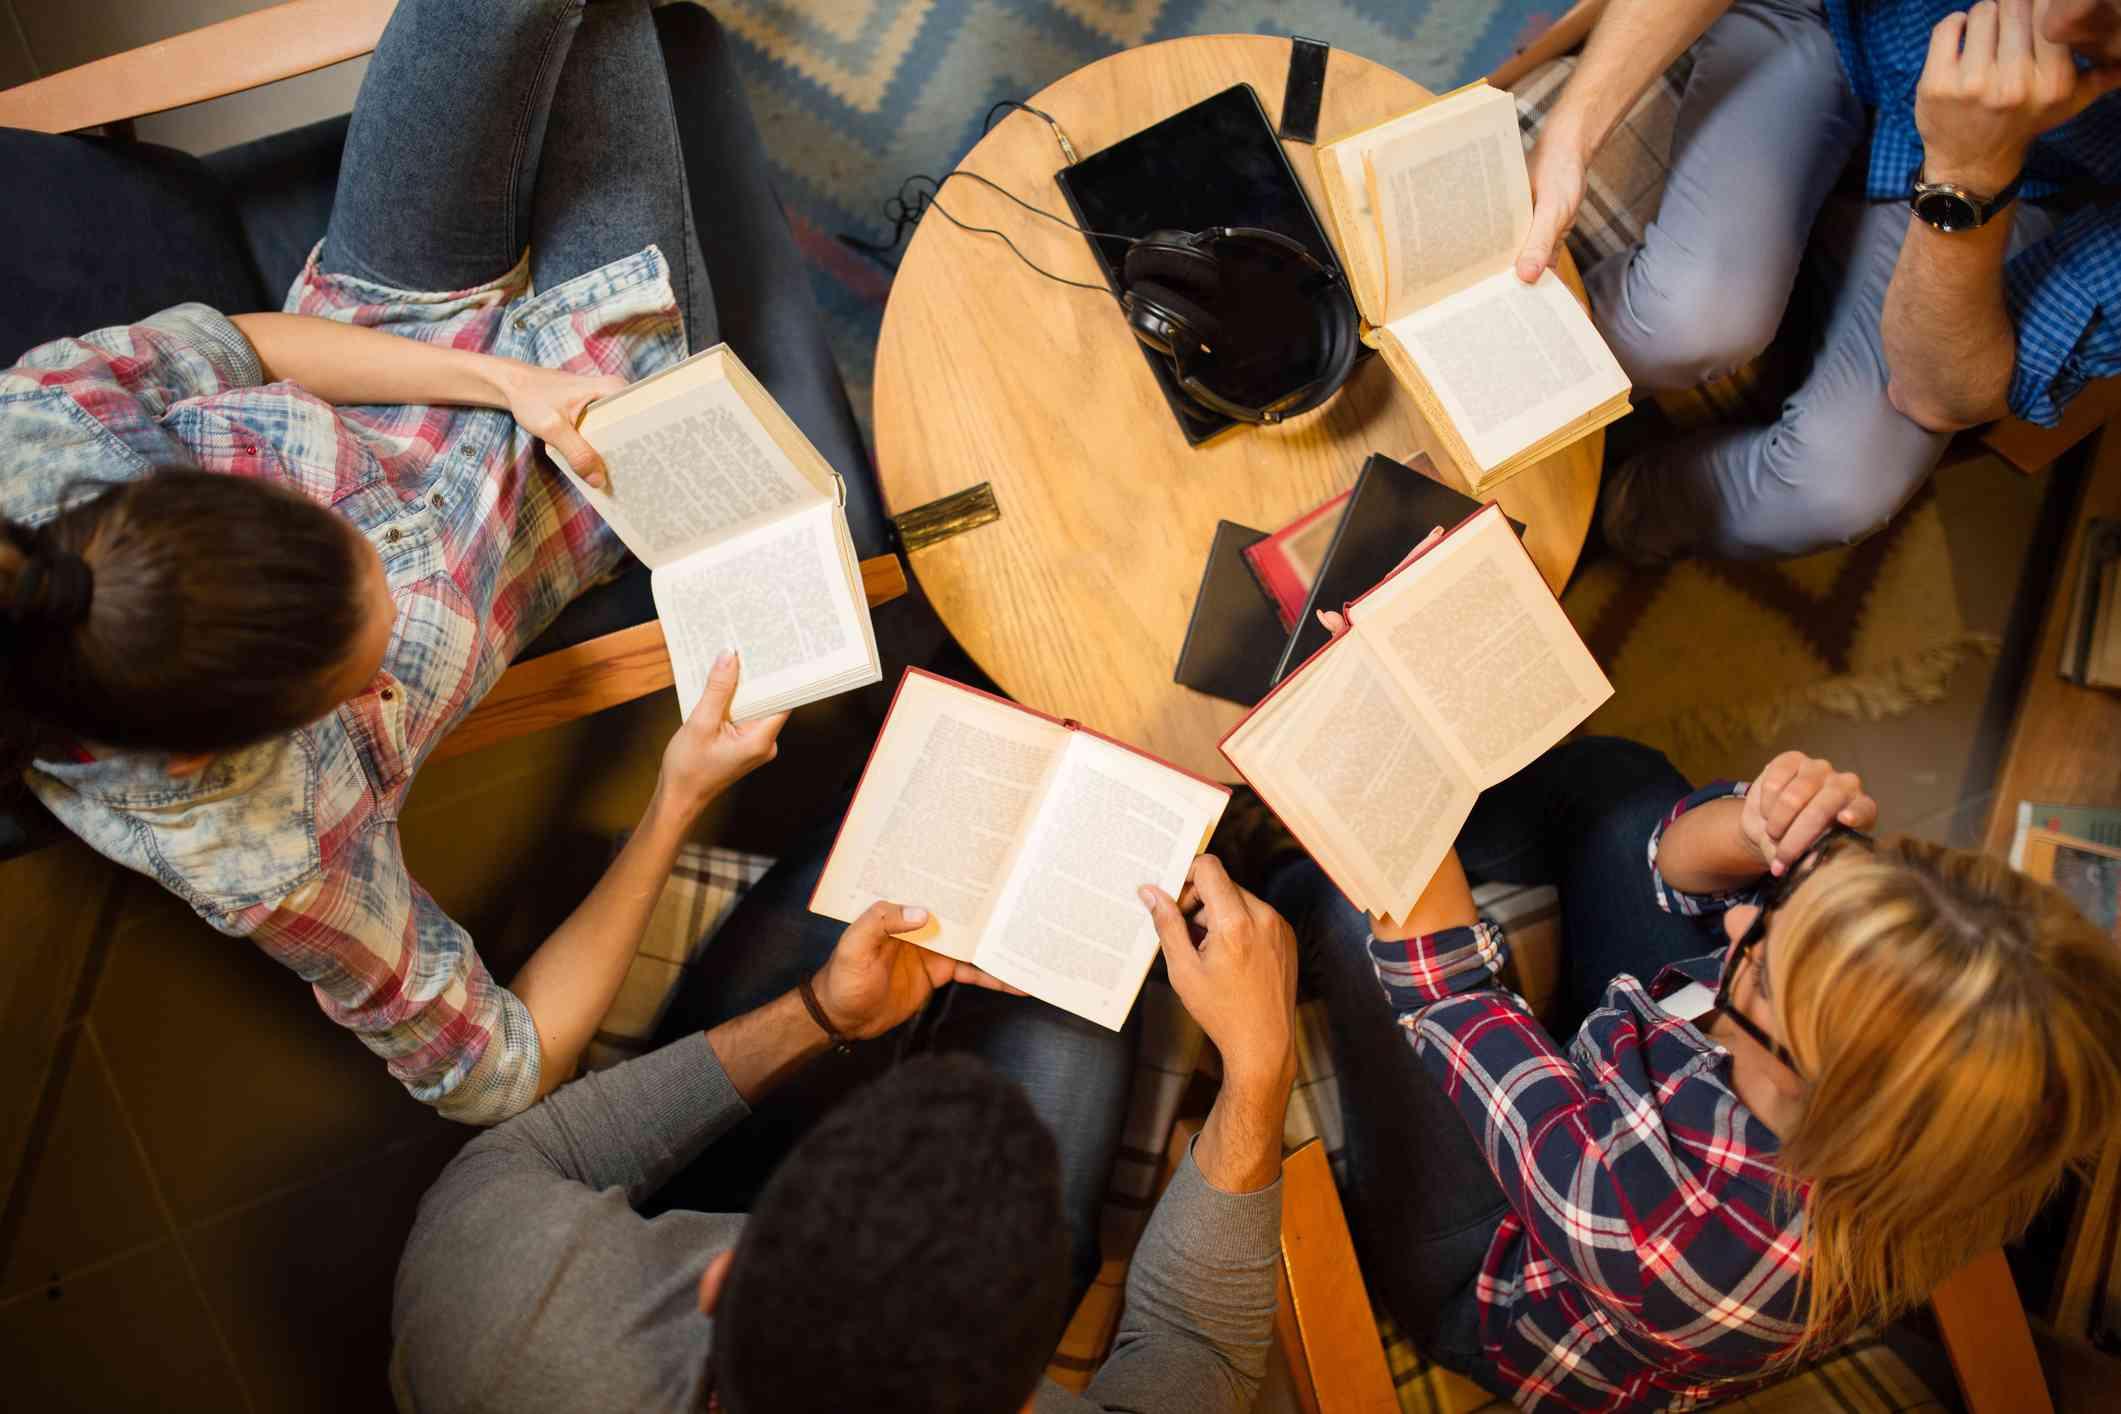 Catholic singles groups